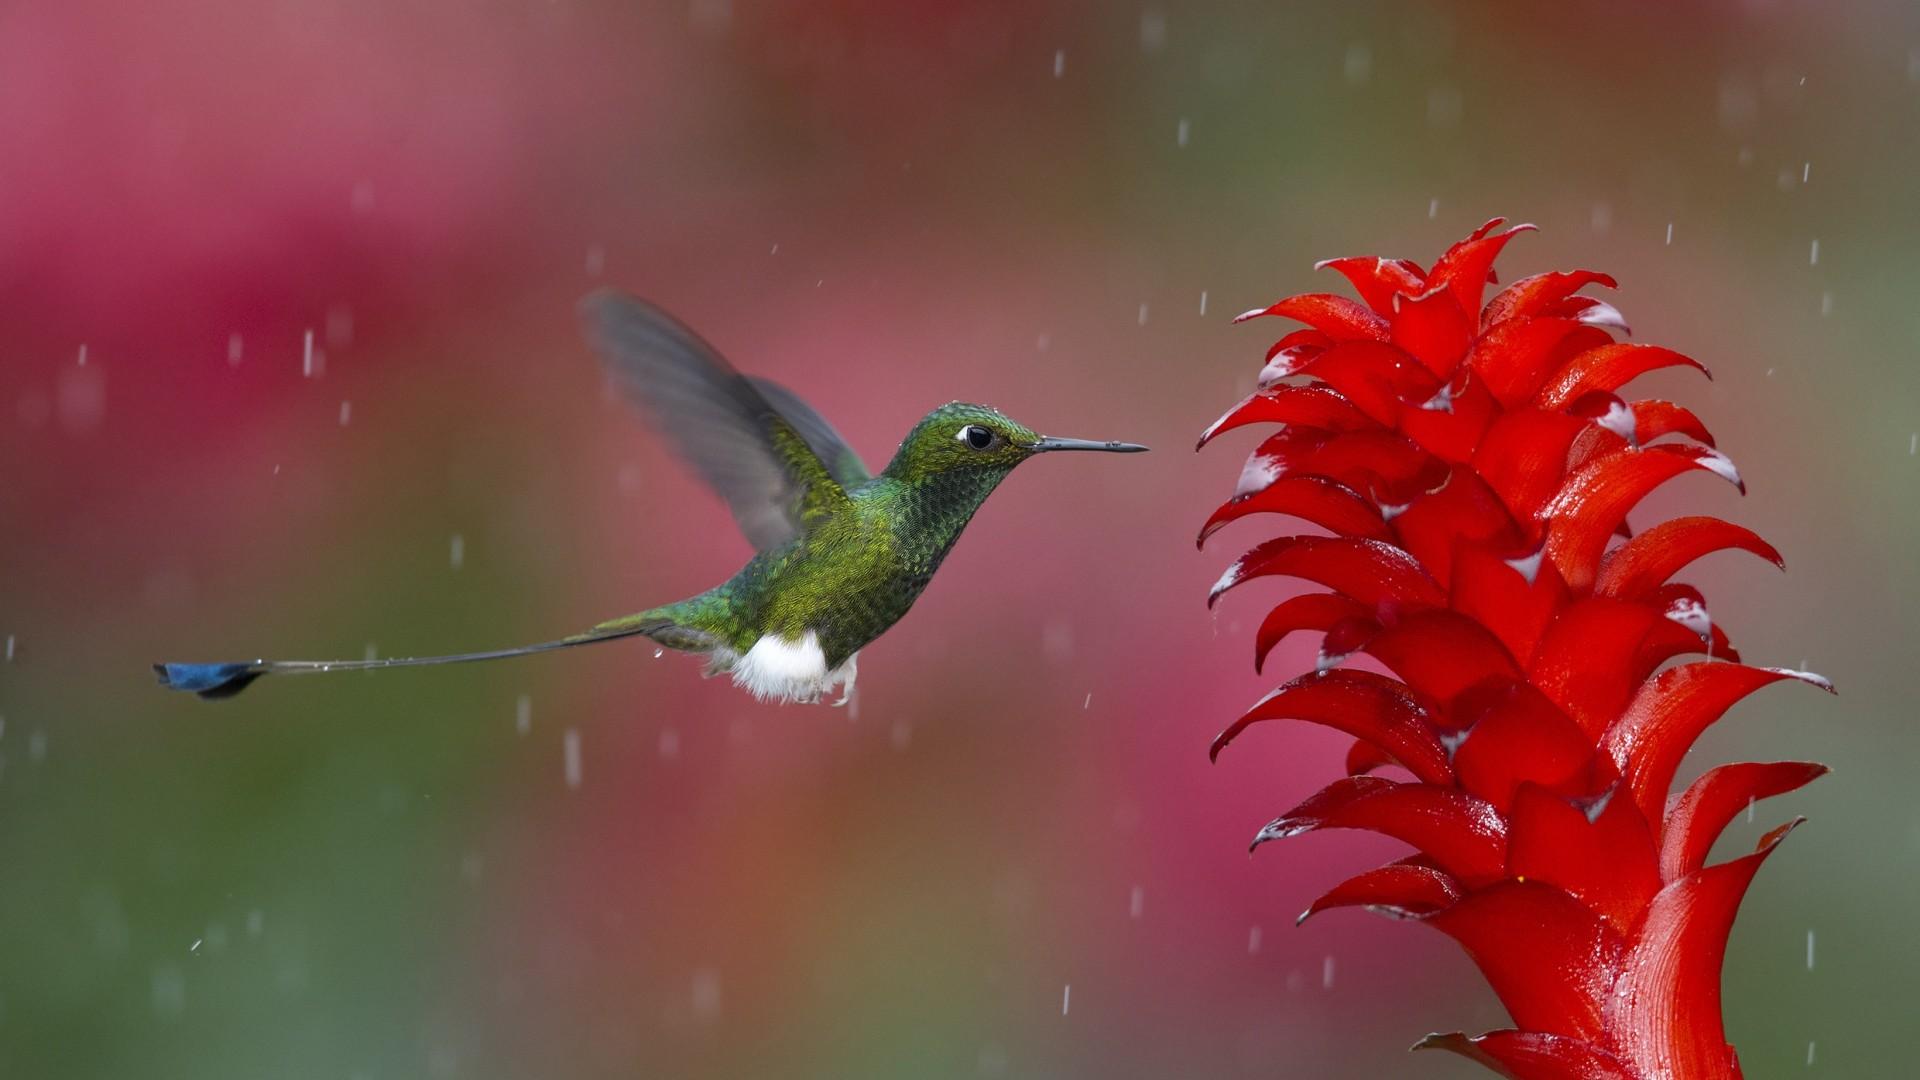 Физика в мире животных: колибри и ее полет - 4